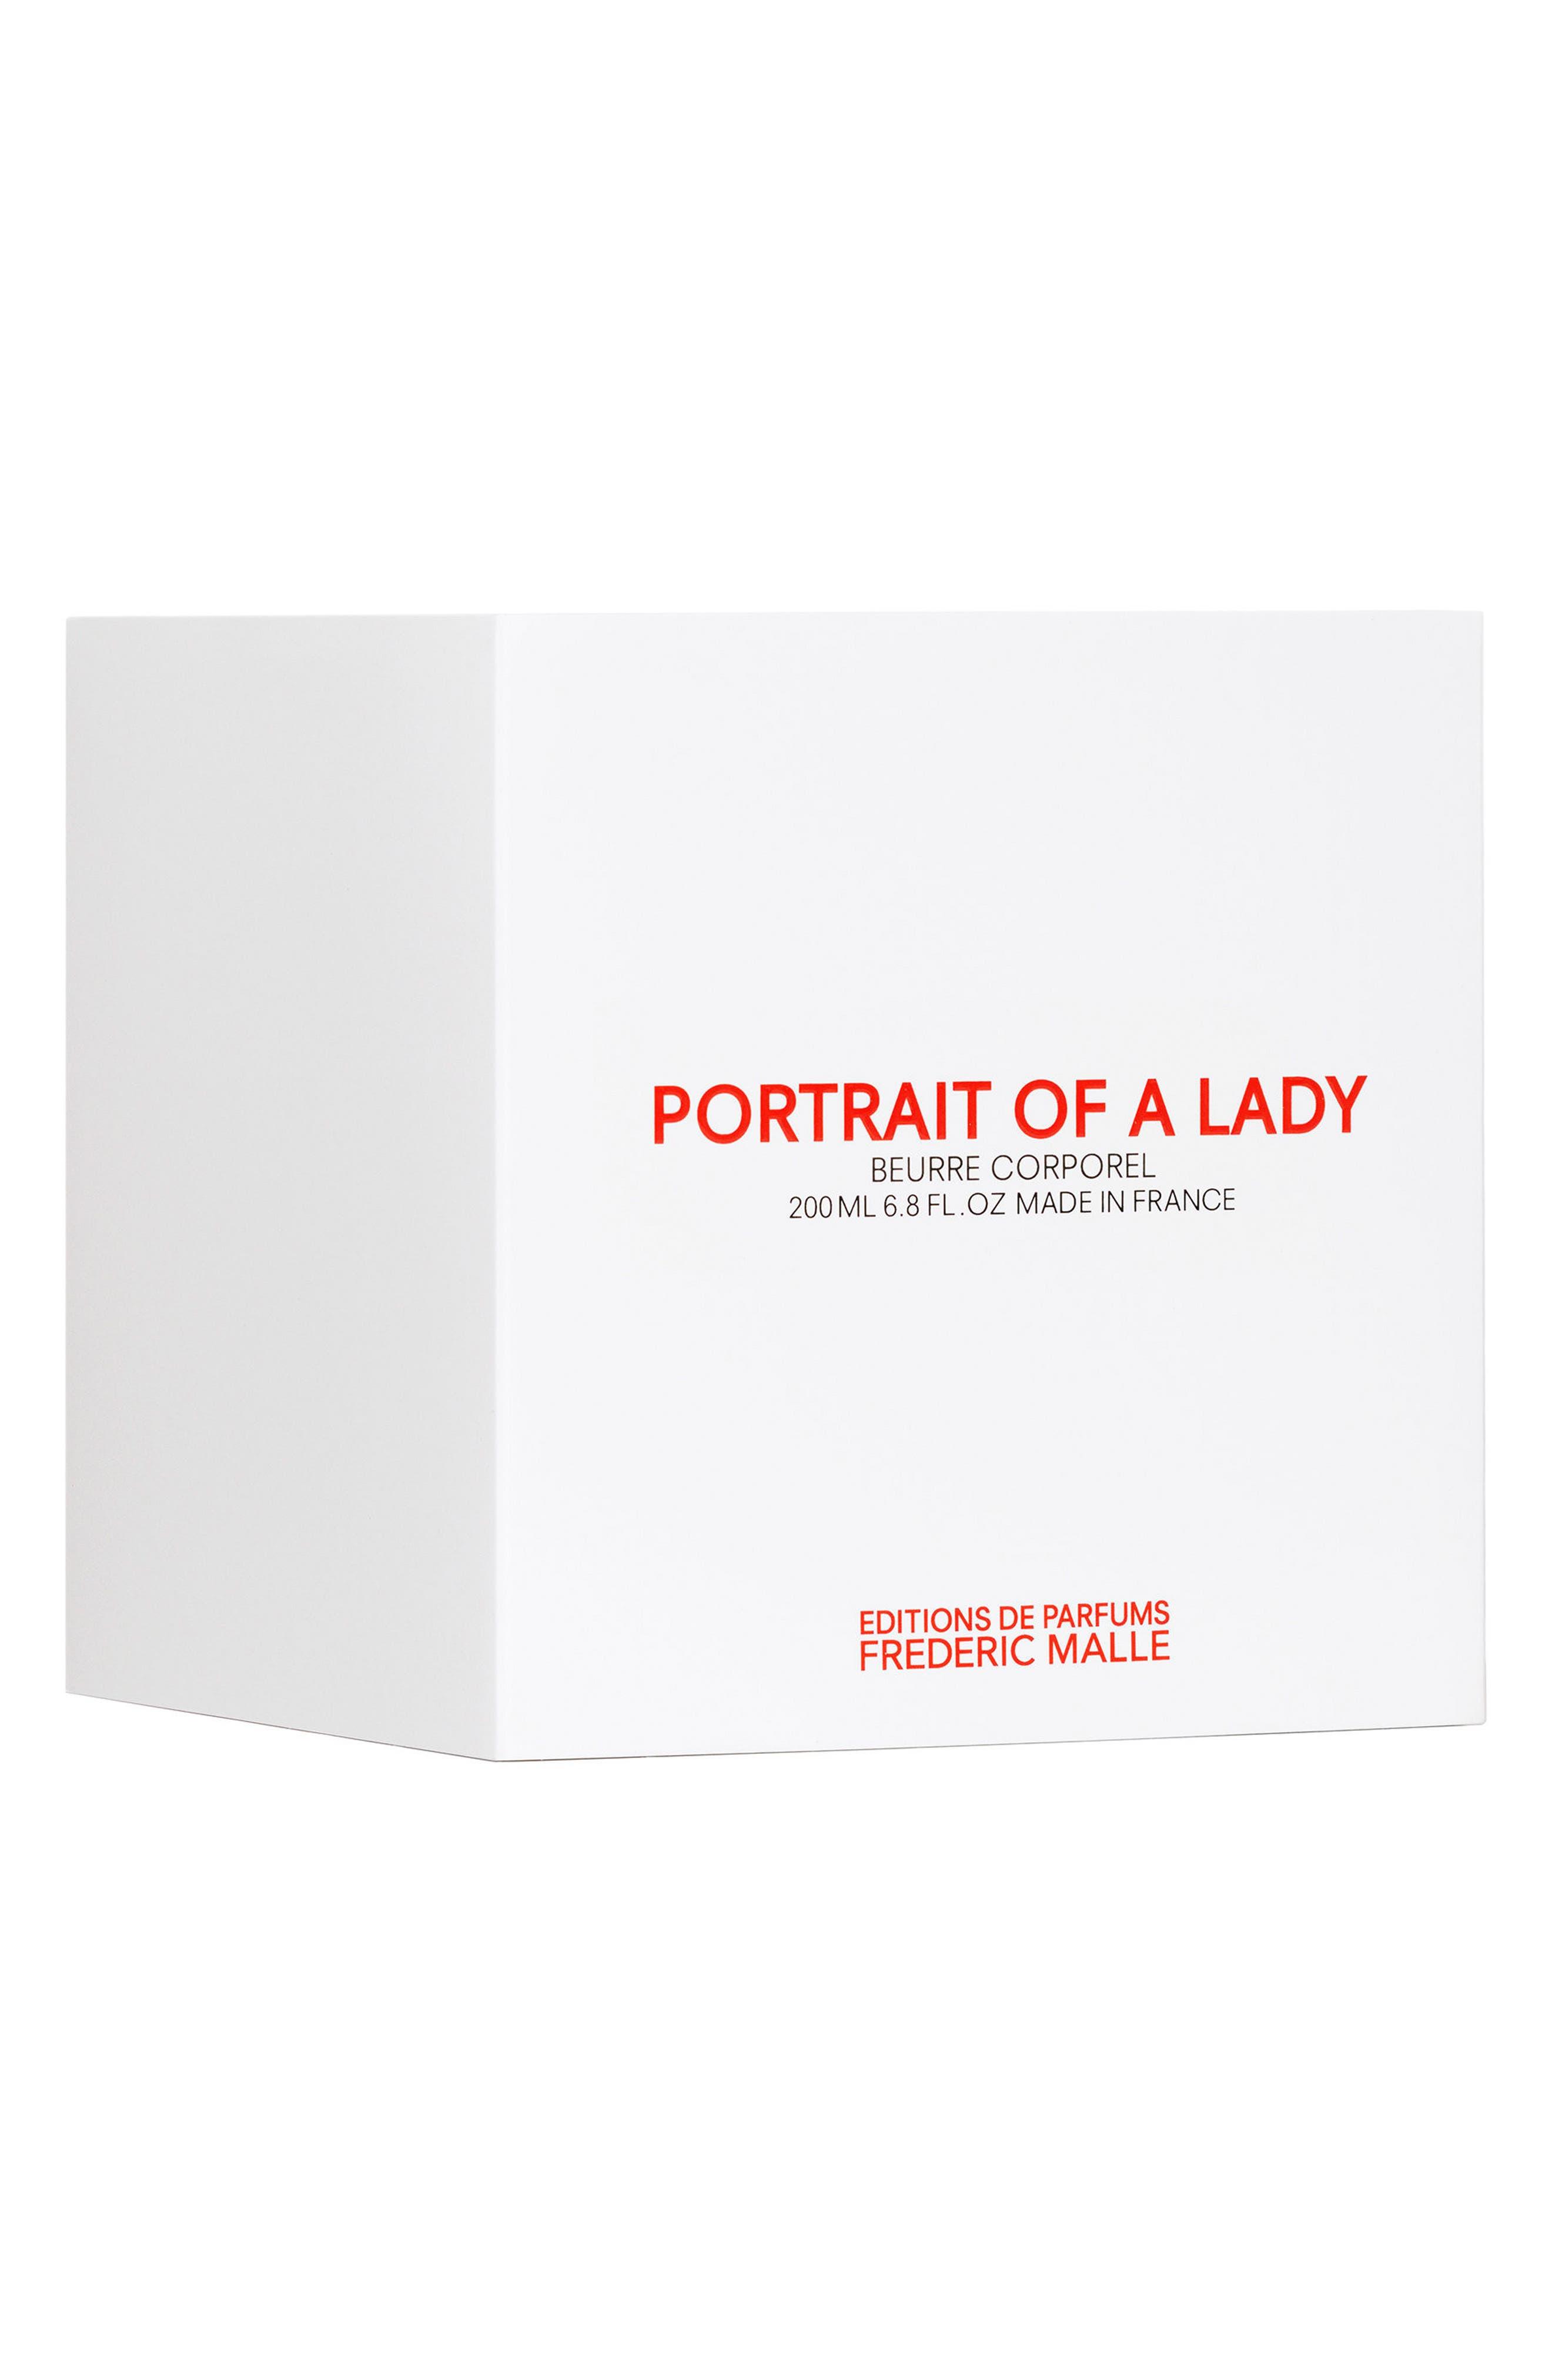 Alternate Image 2  - Editions de Parfums Frédéric Malle Portrait of a Lady Body Butter